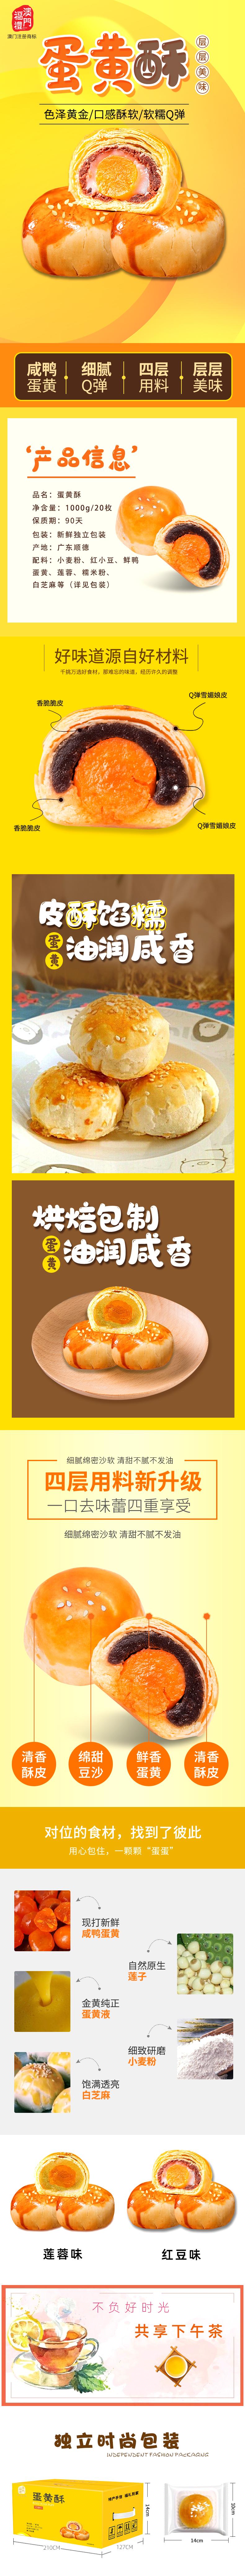 蛋黄酥详情页.jpg